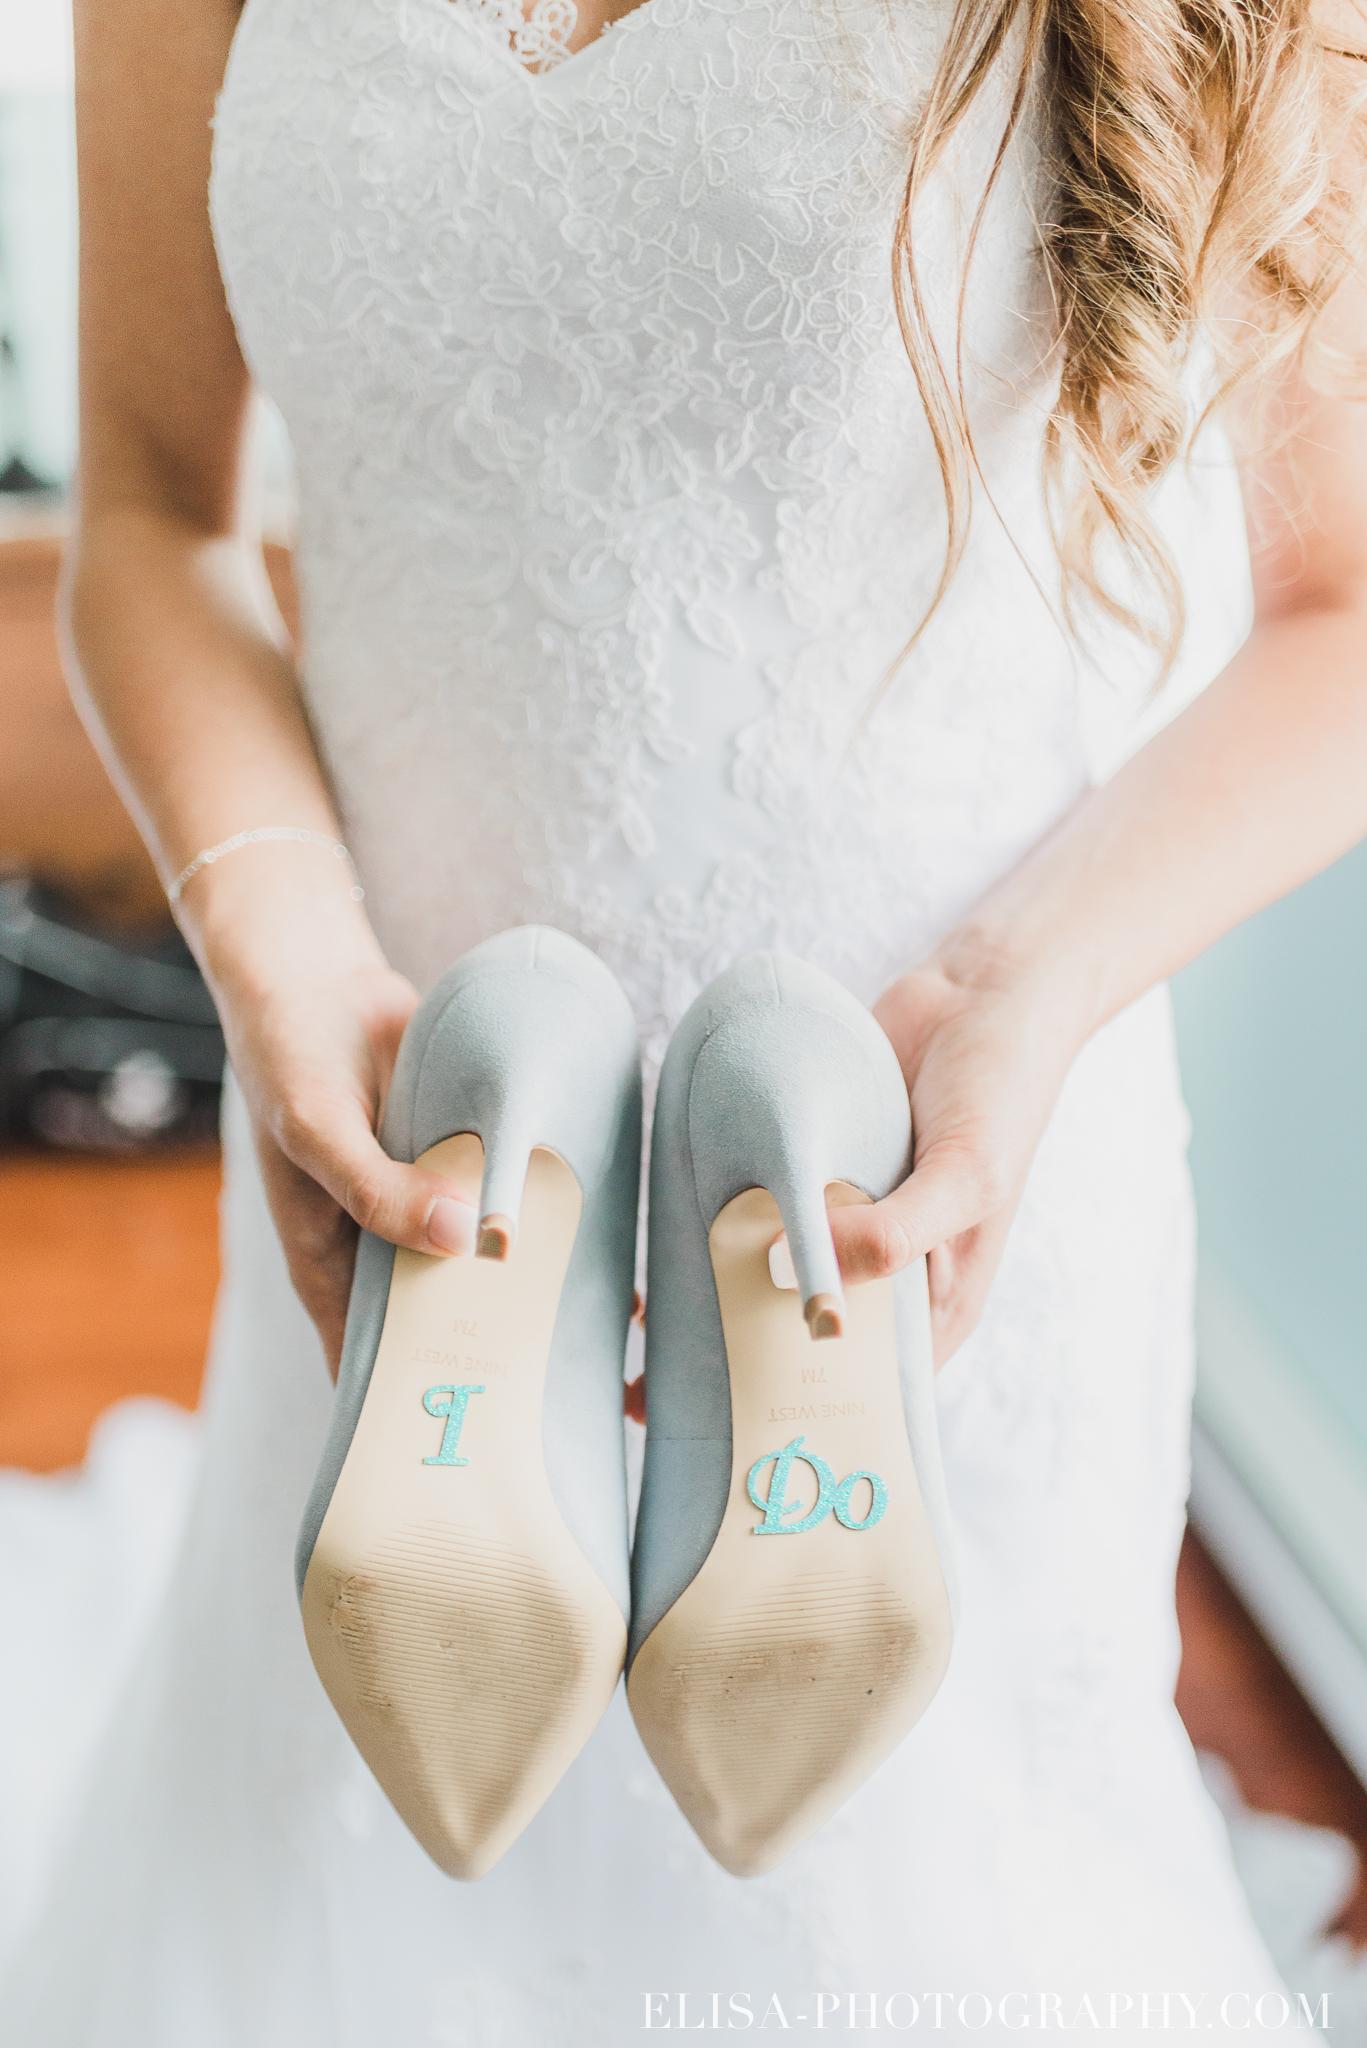 photo mariage grange rouge quebec souliers i do bleus 7970 - Mariage coloré à la grange rouge de Brompton